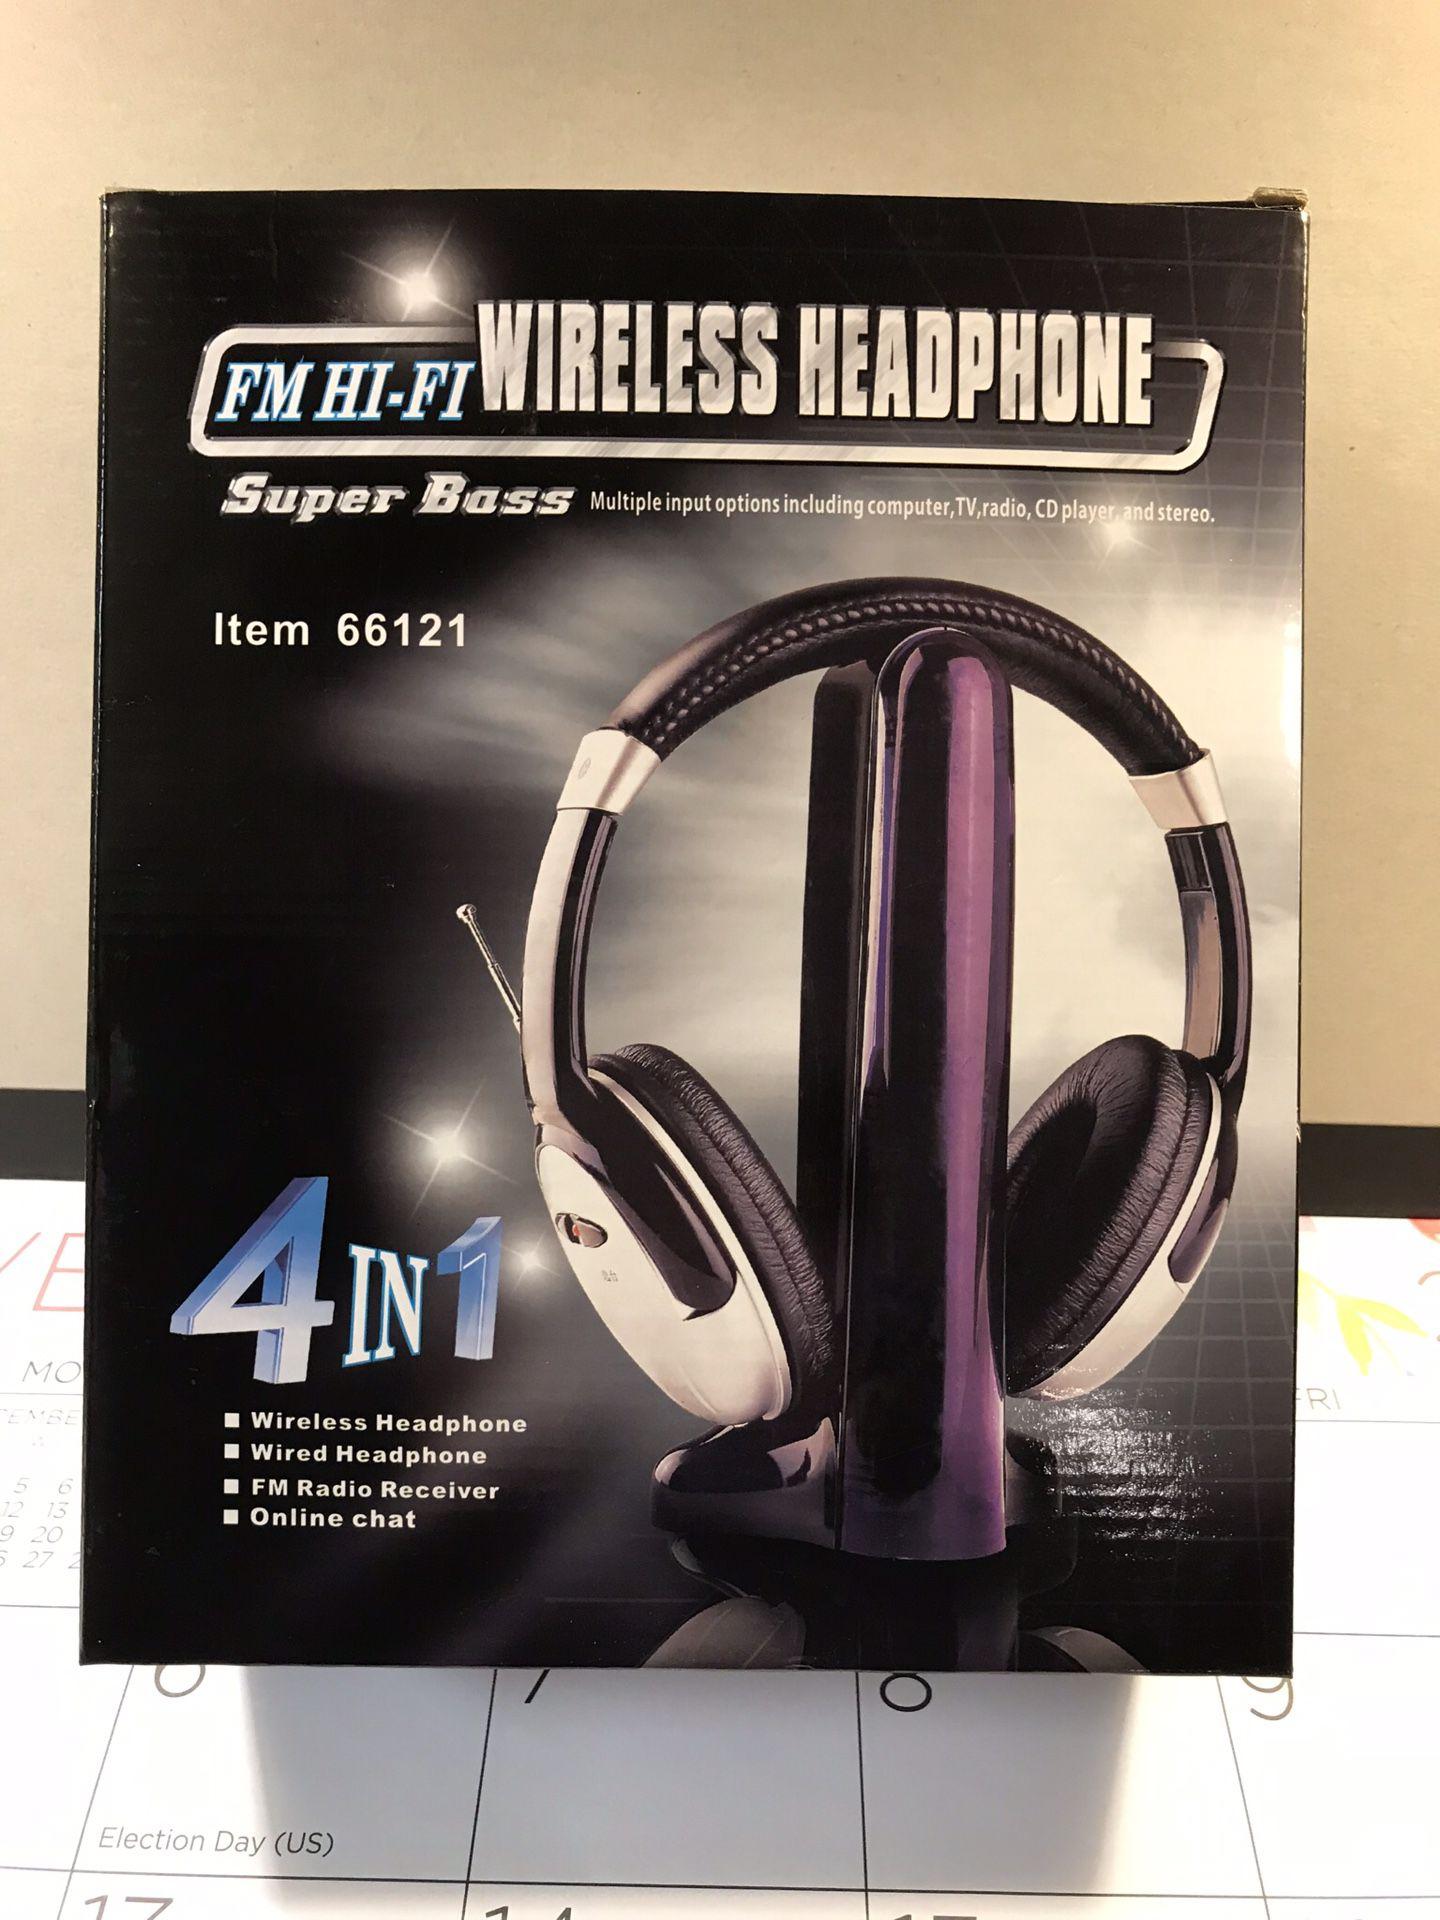 Super bass wireless headphones